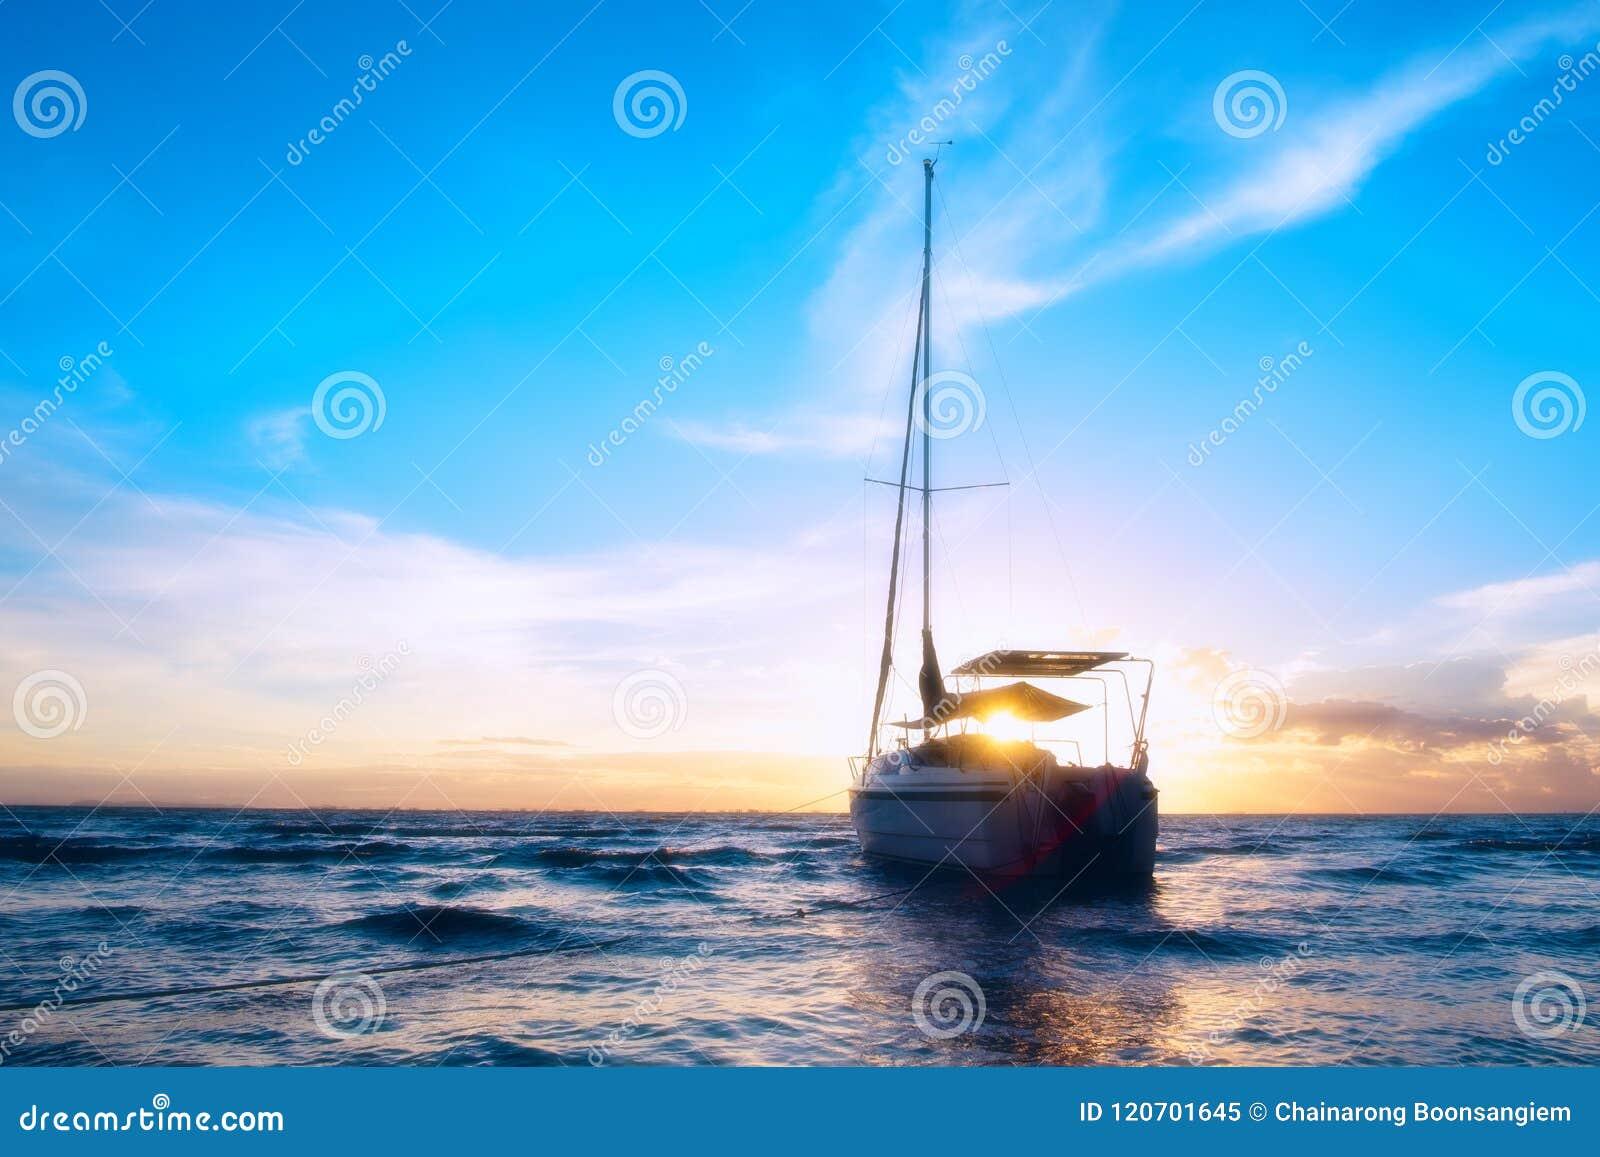 El barco en el mar